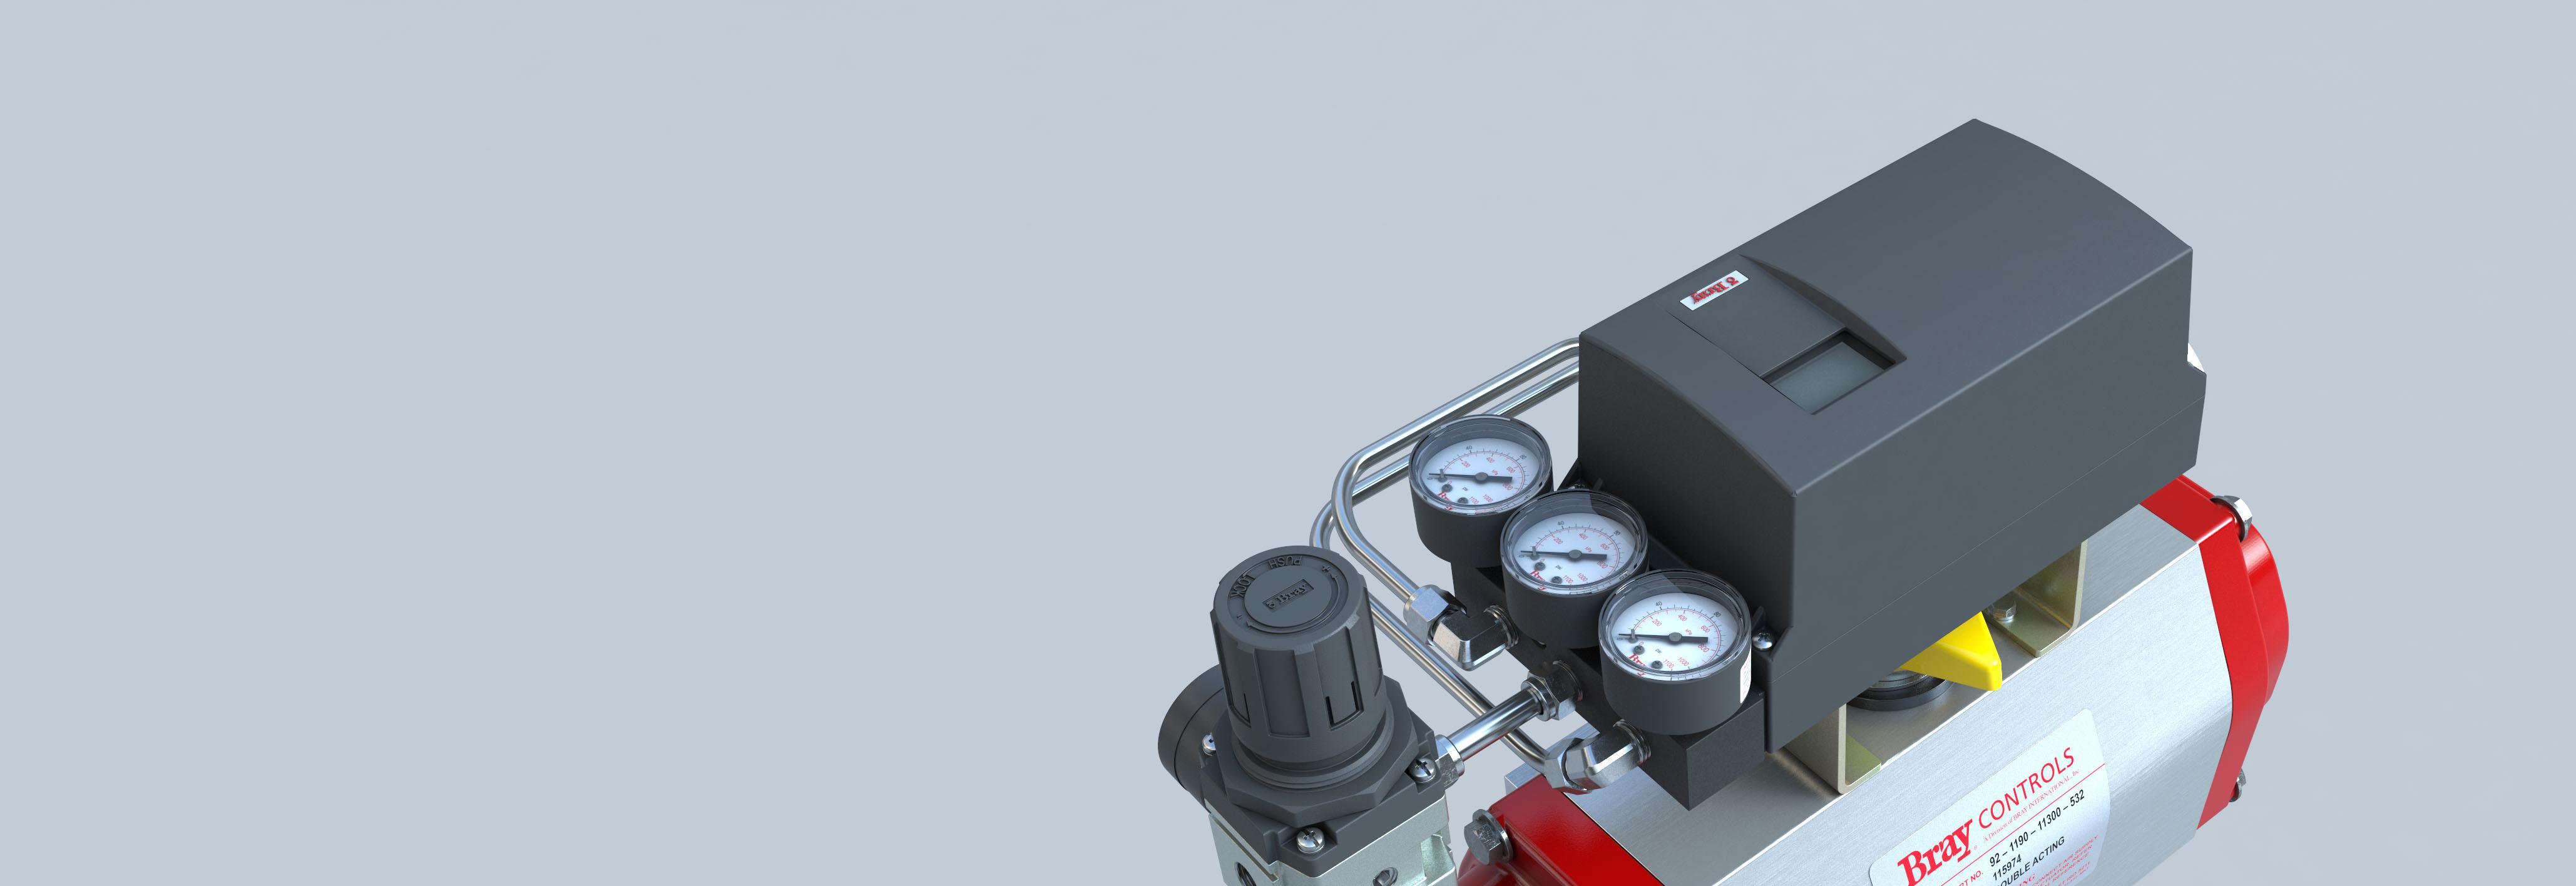 Posicionador eletropneumático da Série 6A Bray International